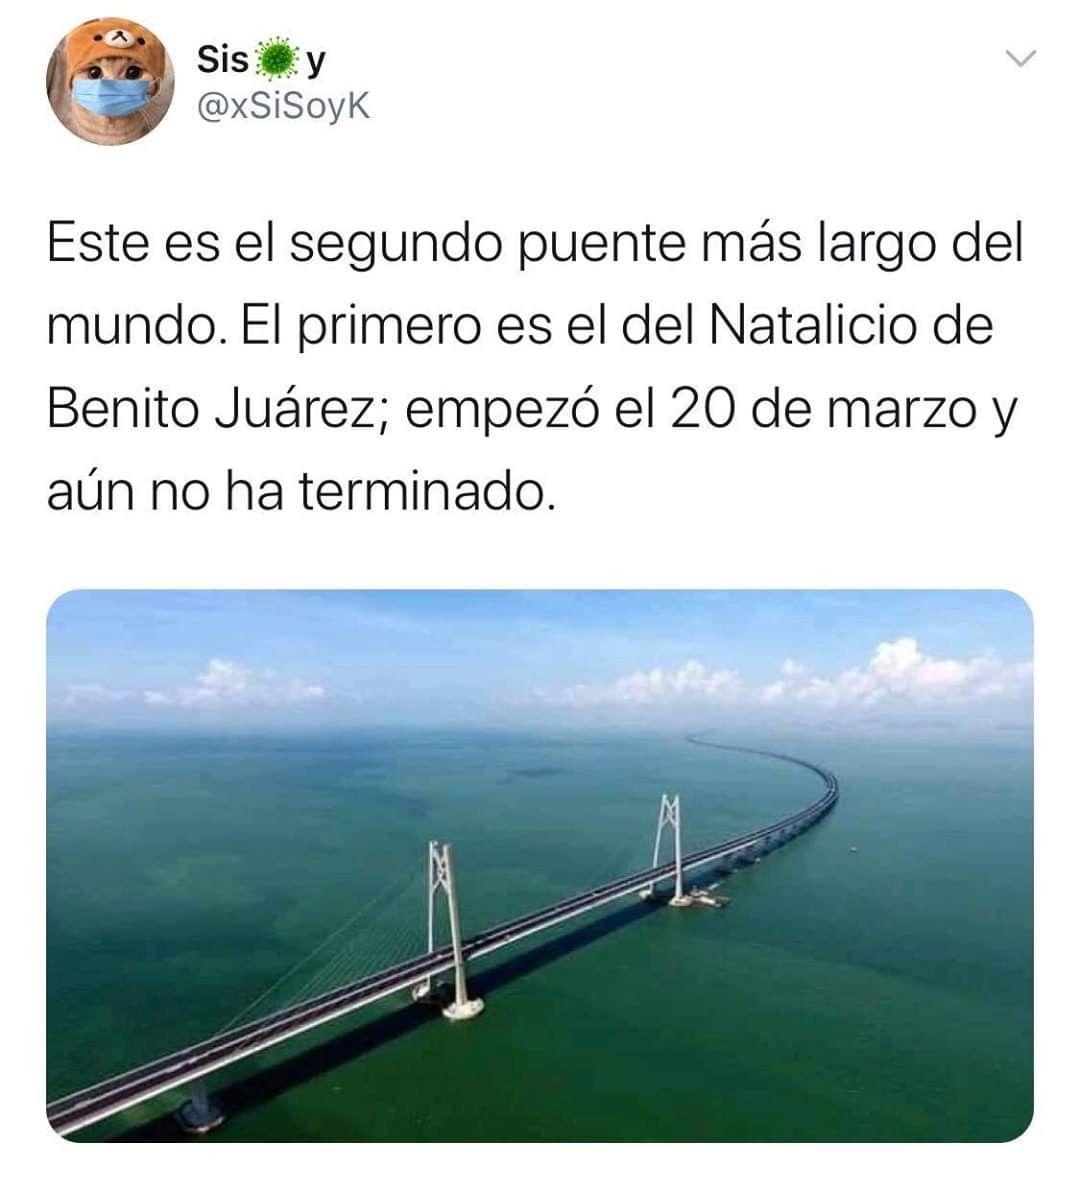 El Puente Mas Largo Del Mundo En 2020 Memes Divertidos Memes Escolares Meme Gracioso